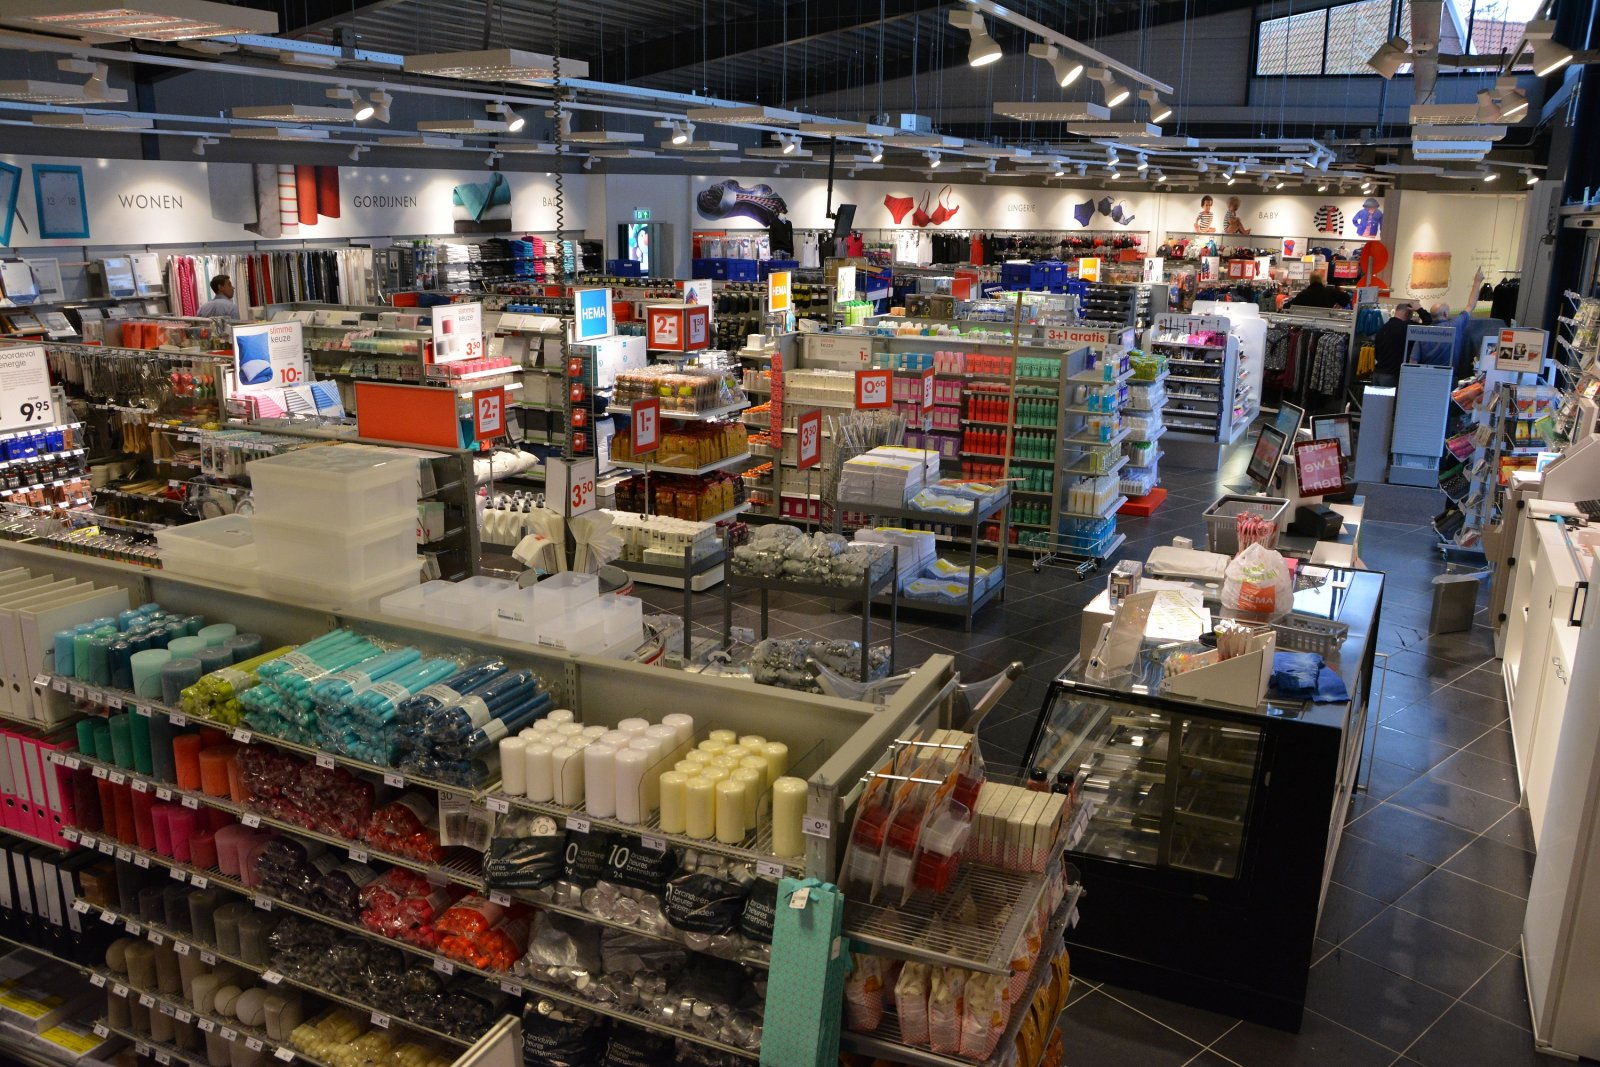 Hema Mağazaları, Hollanda